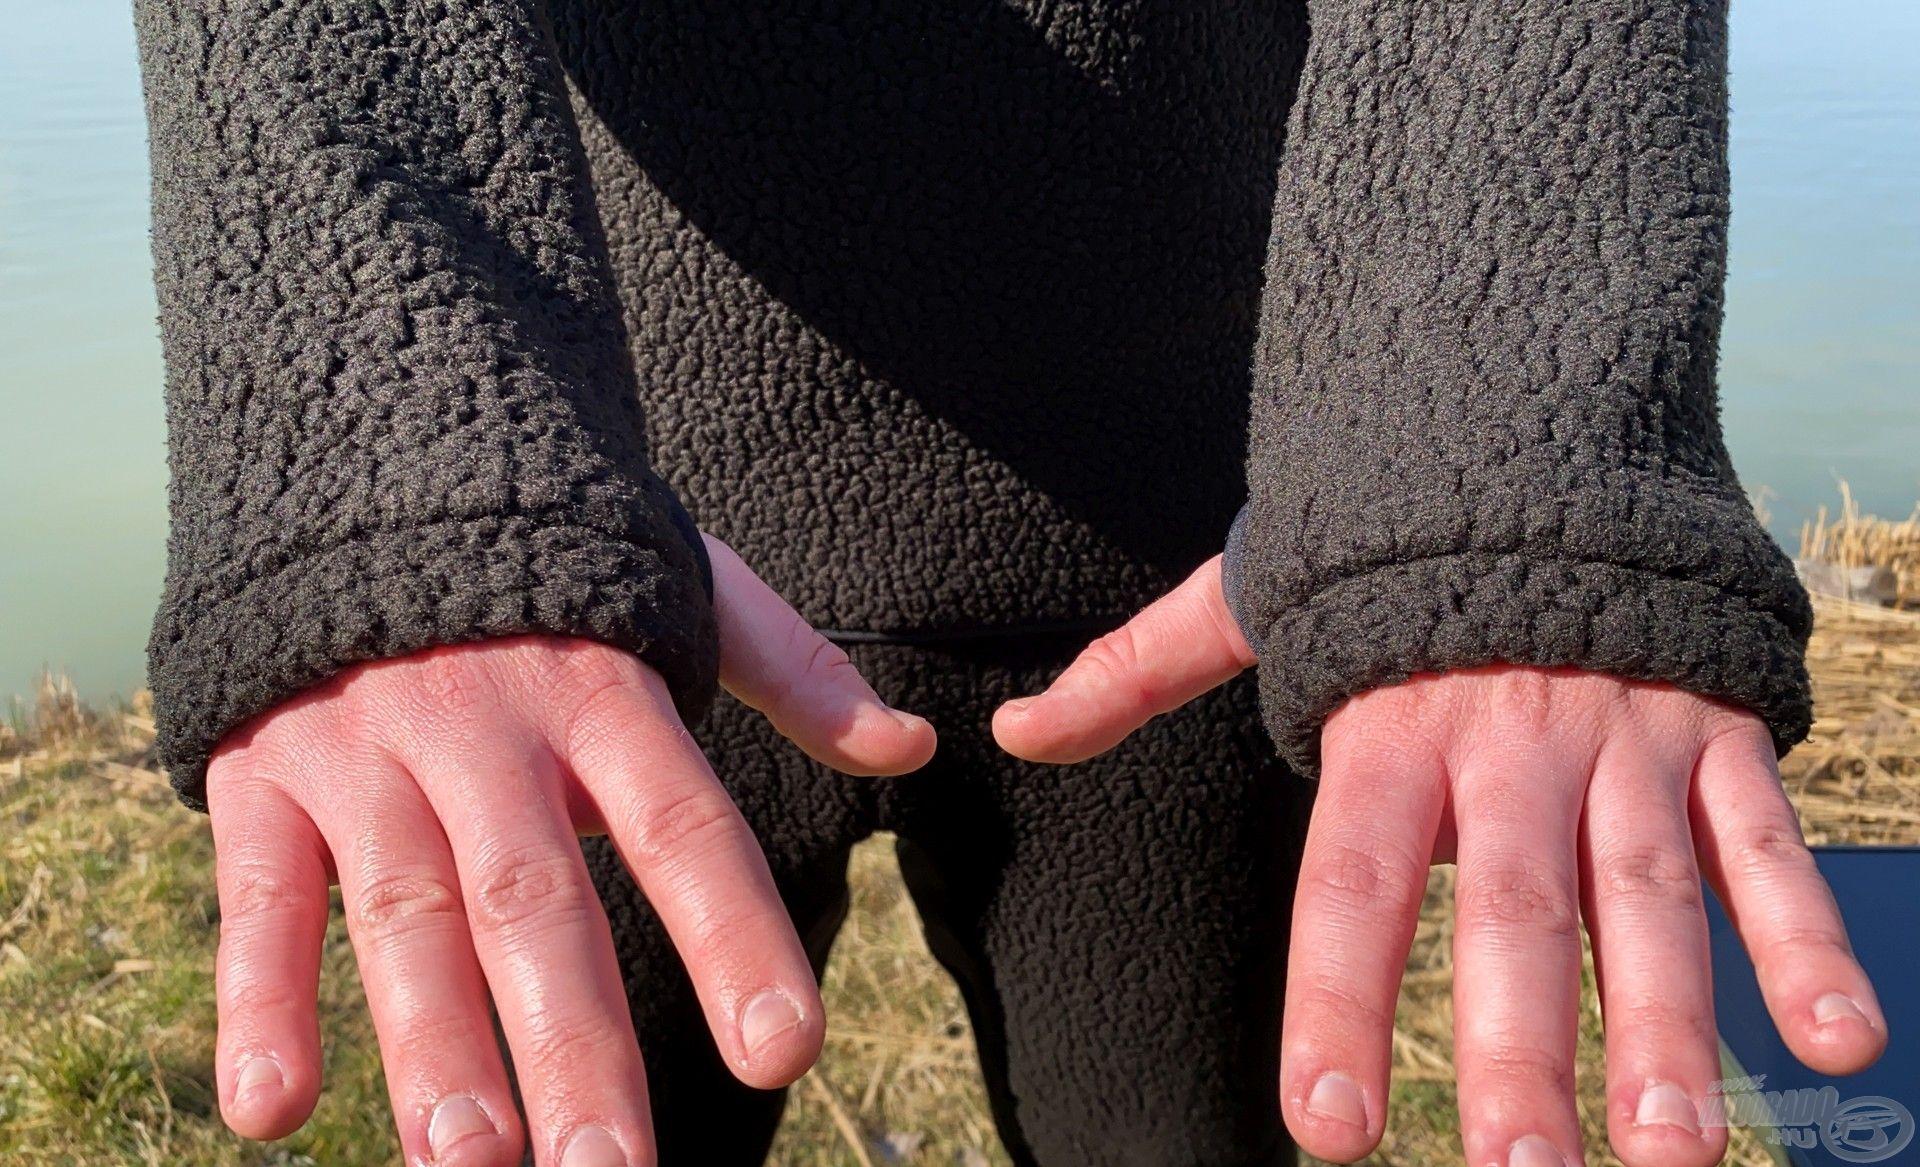 Megtalálható rajta a hüvelykujj-beakasztó nyílás is